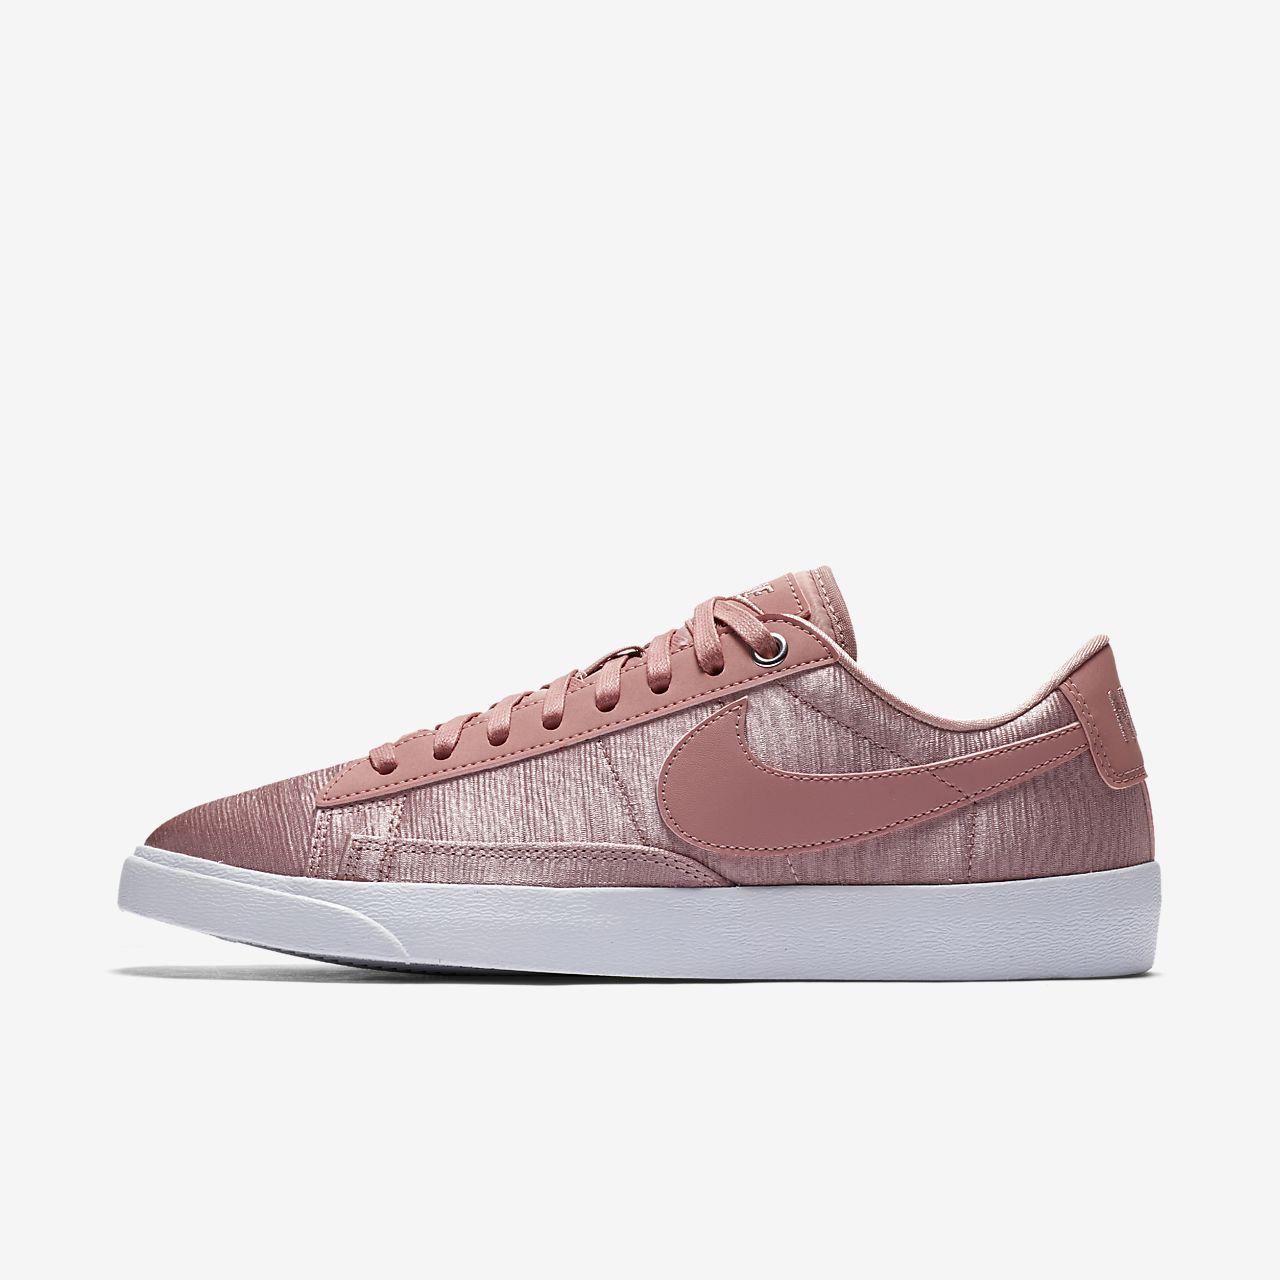 ... Chaussure Nike Blazer Low SE pour Femme